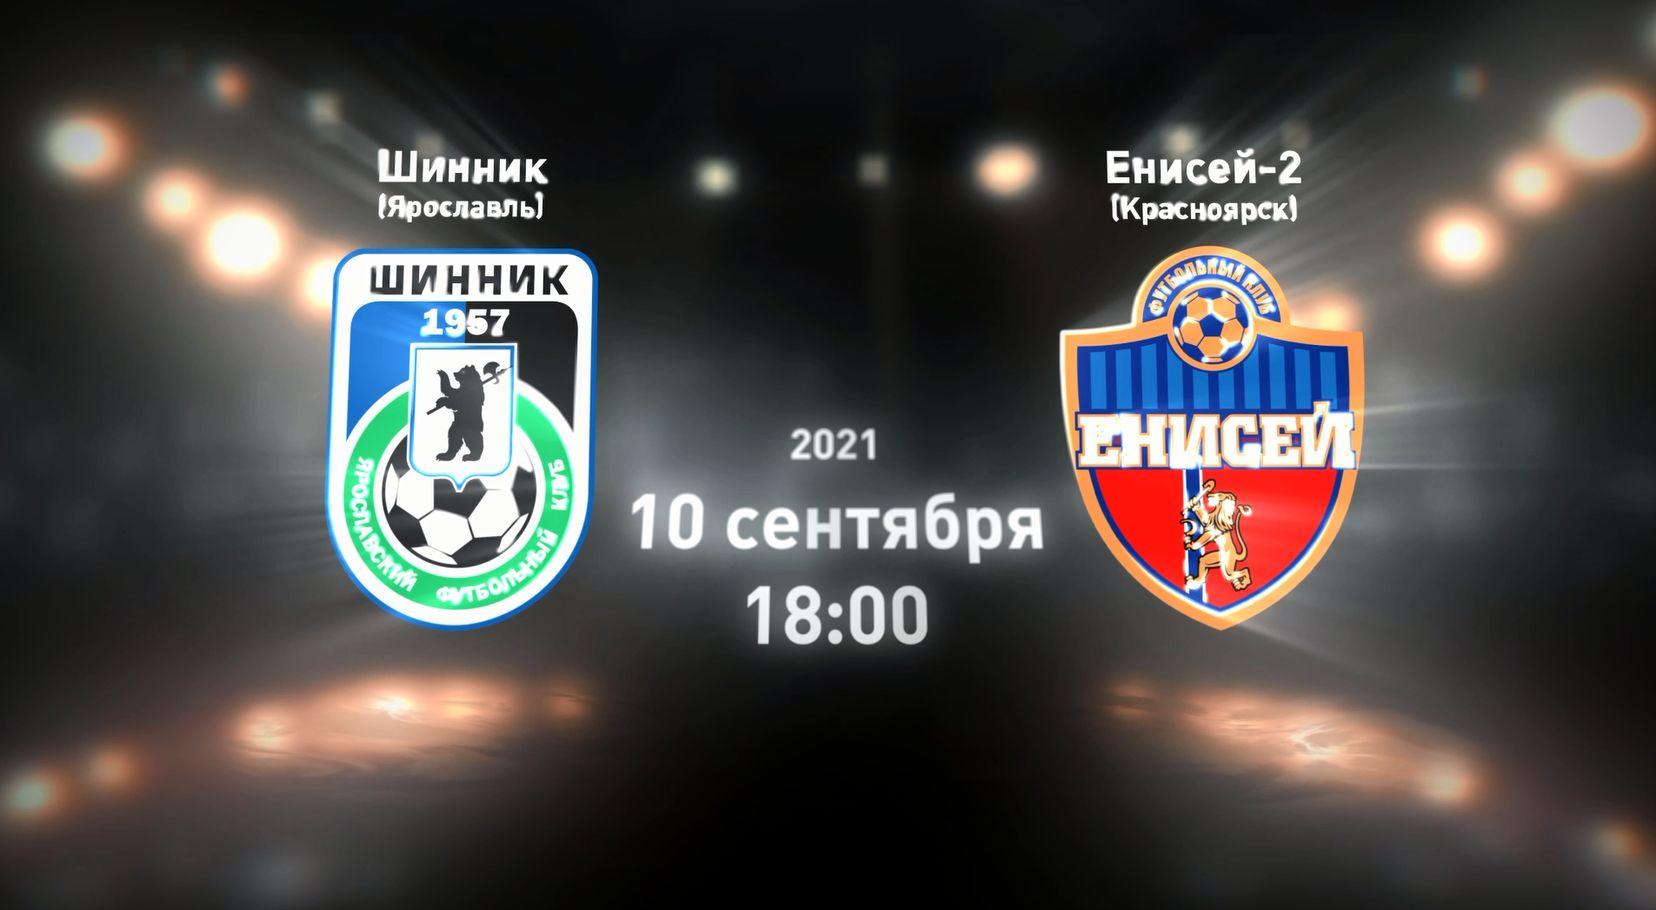 Ярославский «Шинник» проведет очередной матч чемпионата ФНЛ-2